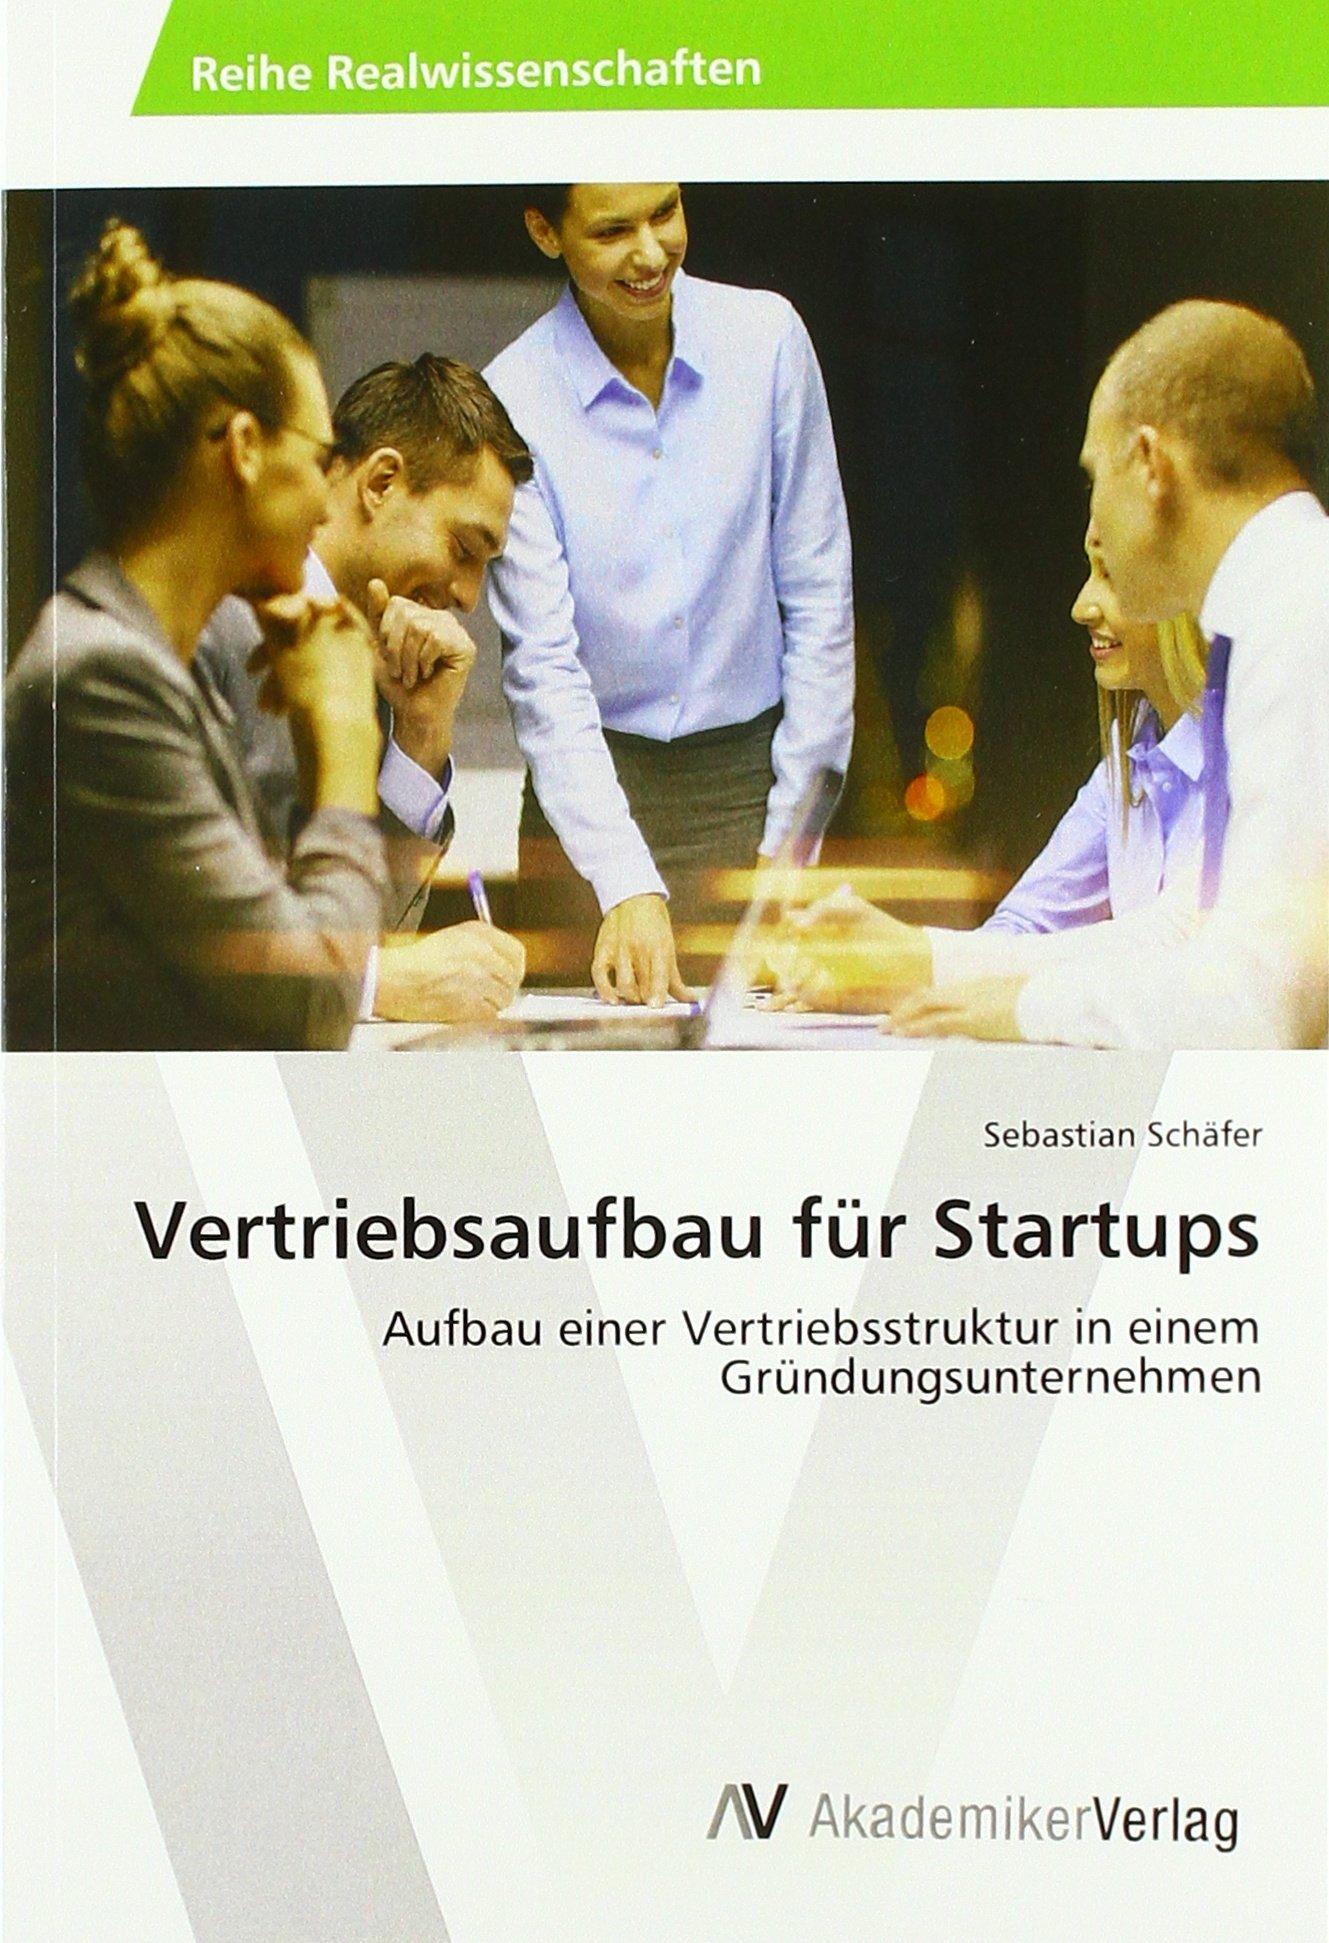 Vertriebsaufbau für Startups: Aufbau einer Vertriebsstruktur in einem Gründungsunternehmen